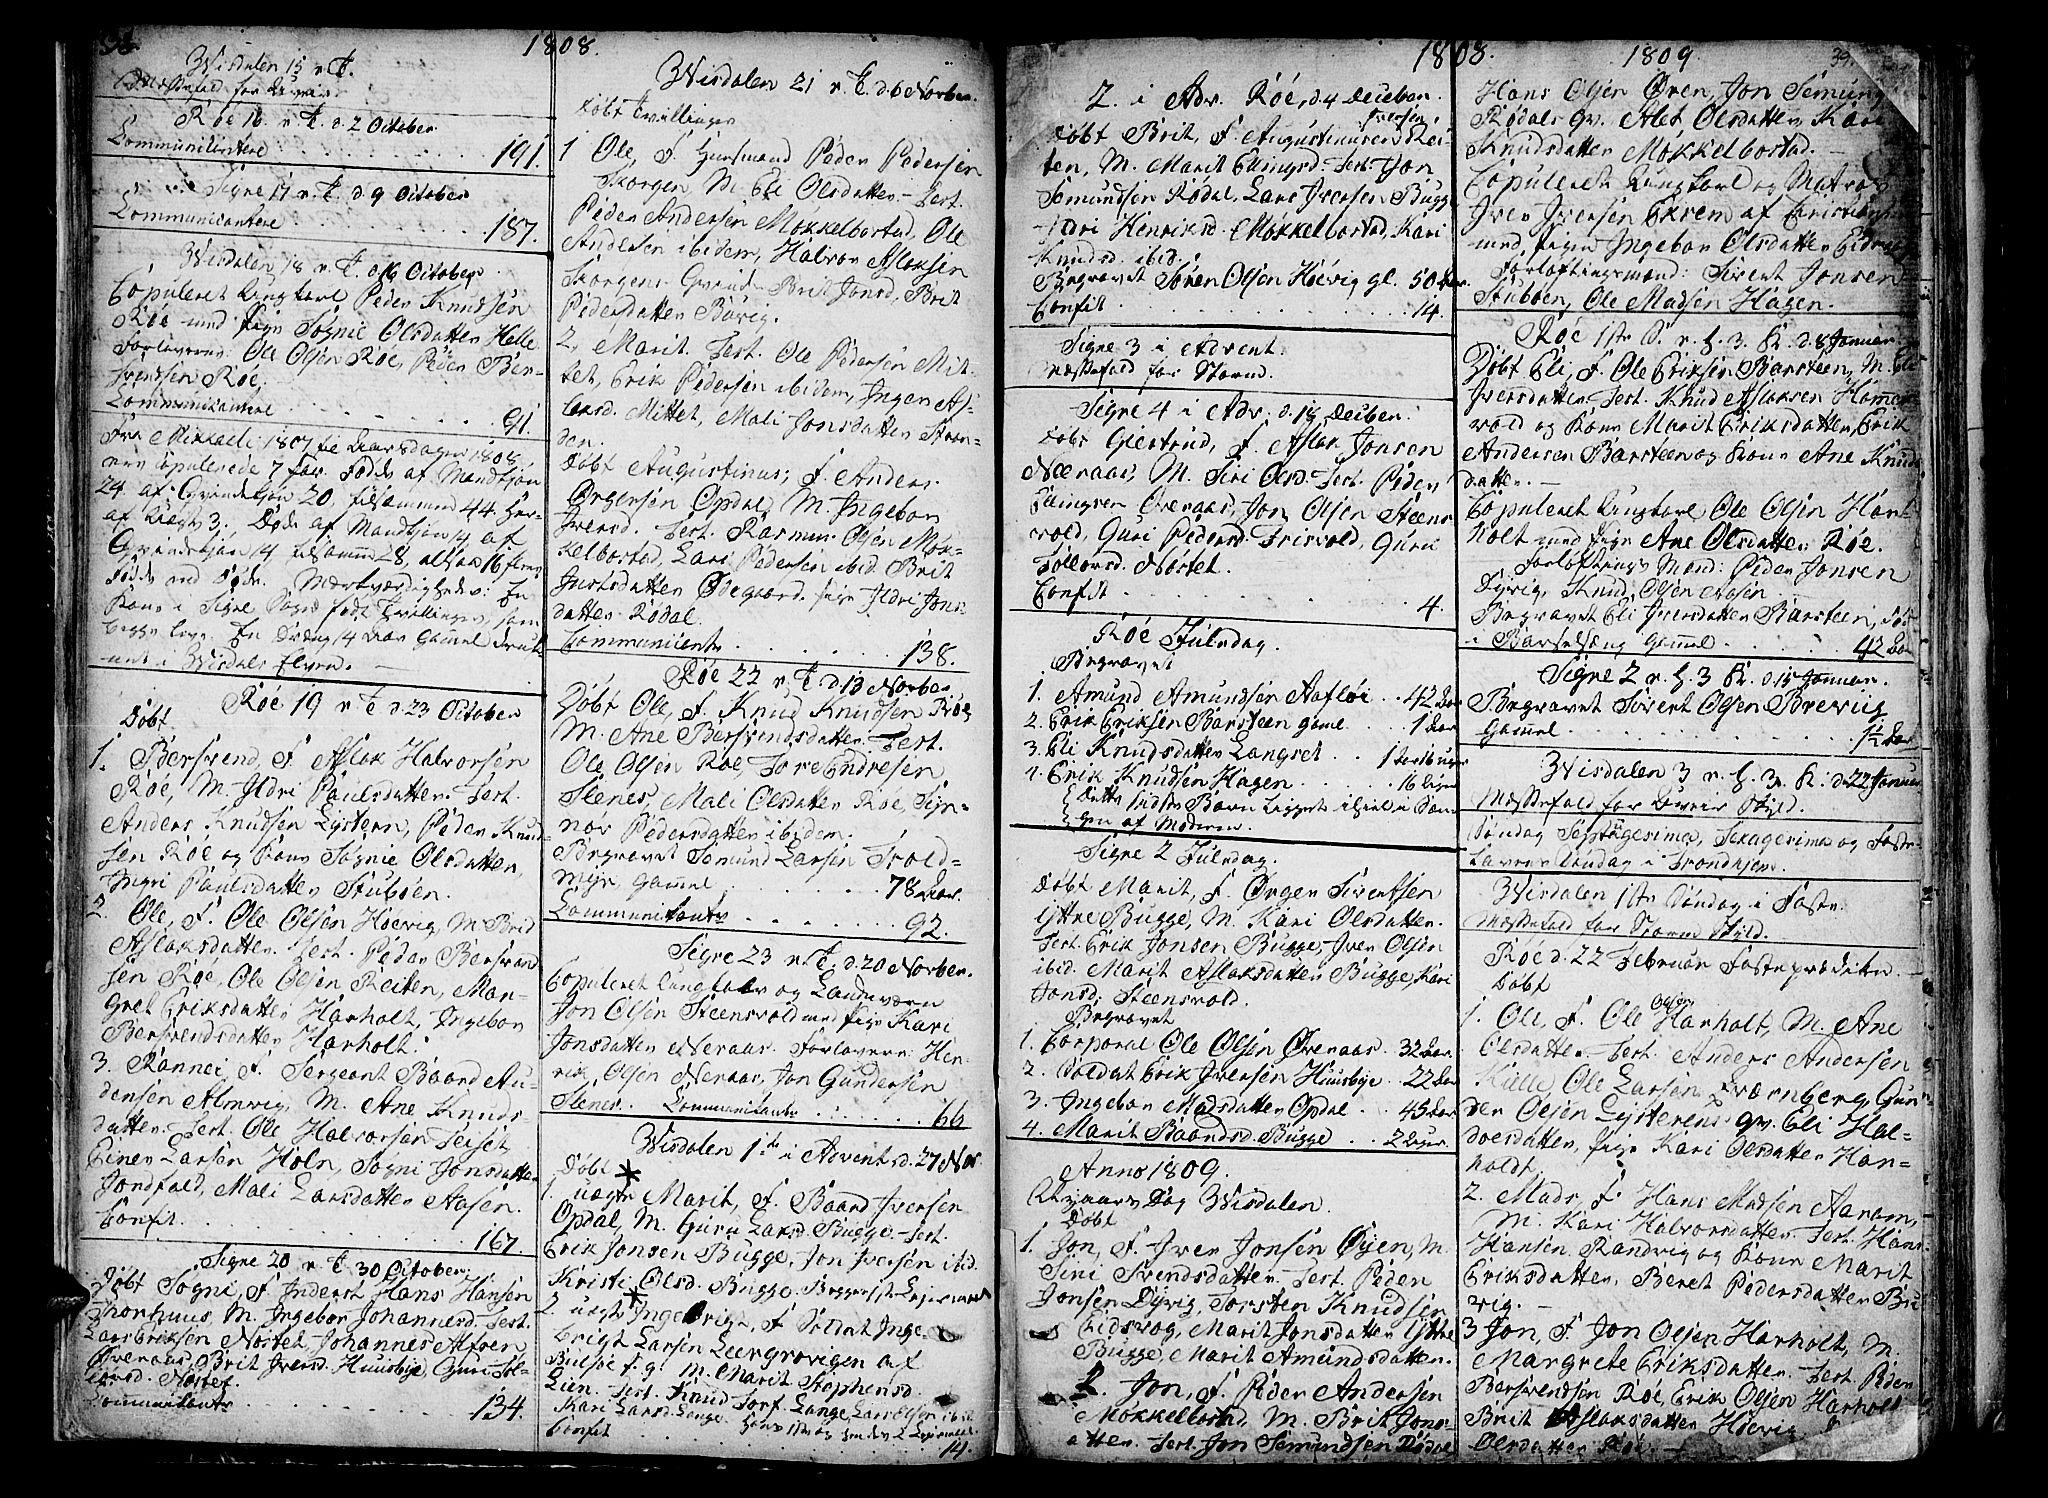 SAT, Ministerialprotokoller, klokkerbøker og fødselsregistre - Møre og Romsdal, 551/L0622: Ministerialbok nr. 551A02, 1804-1845, s. 38-39